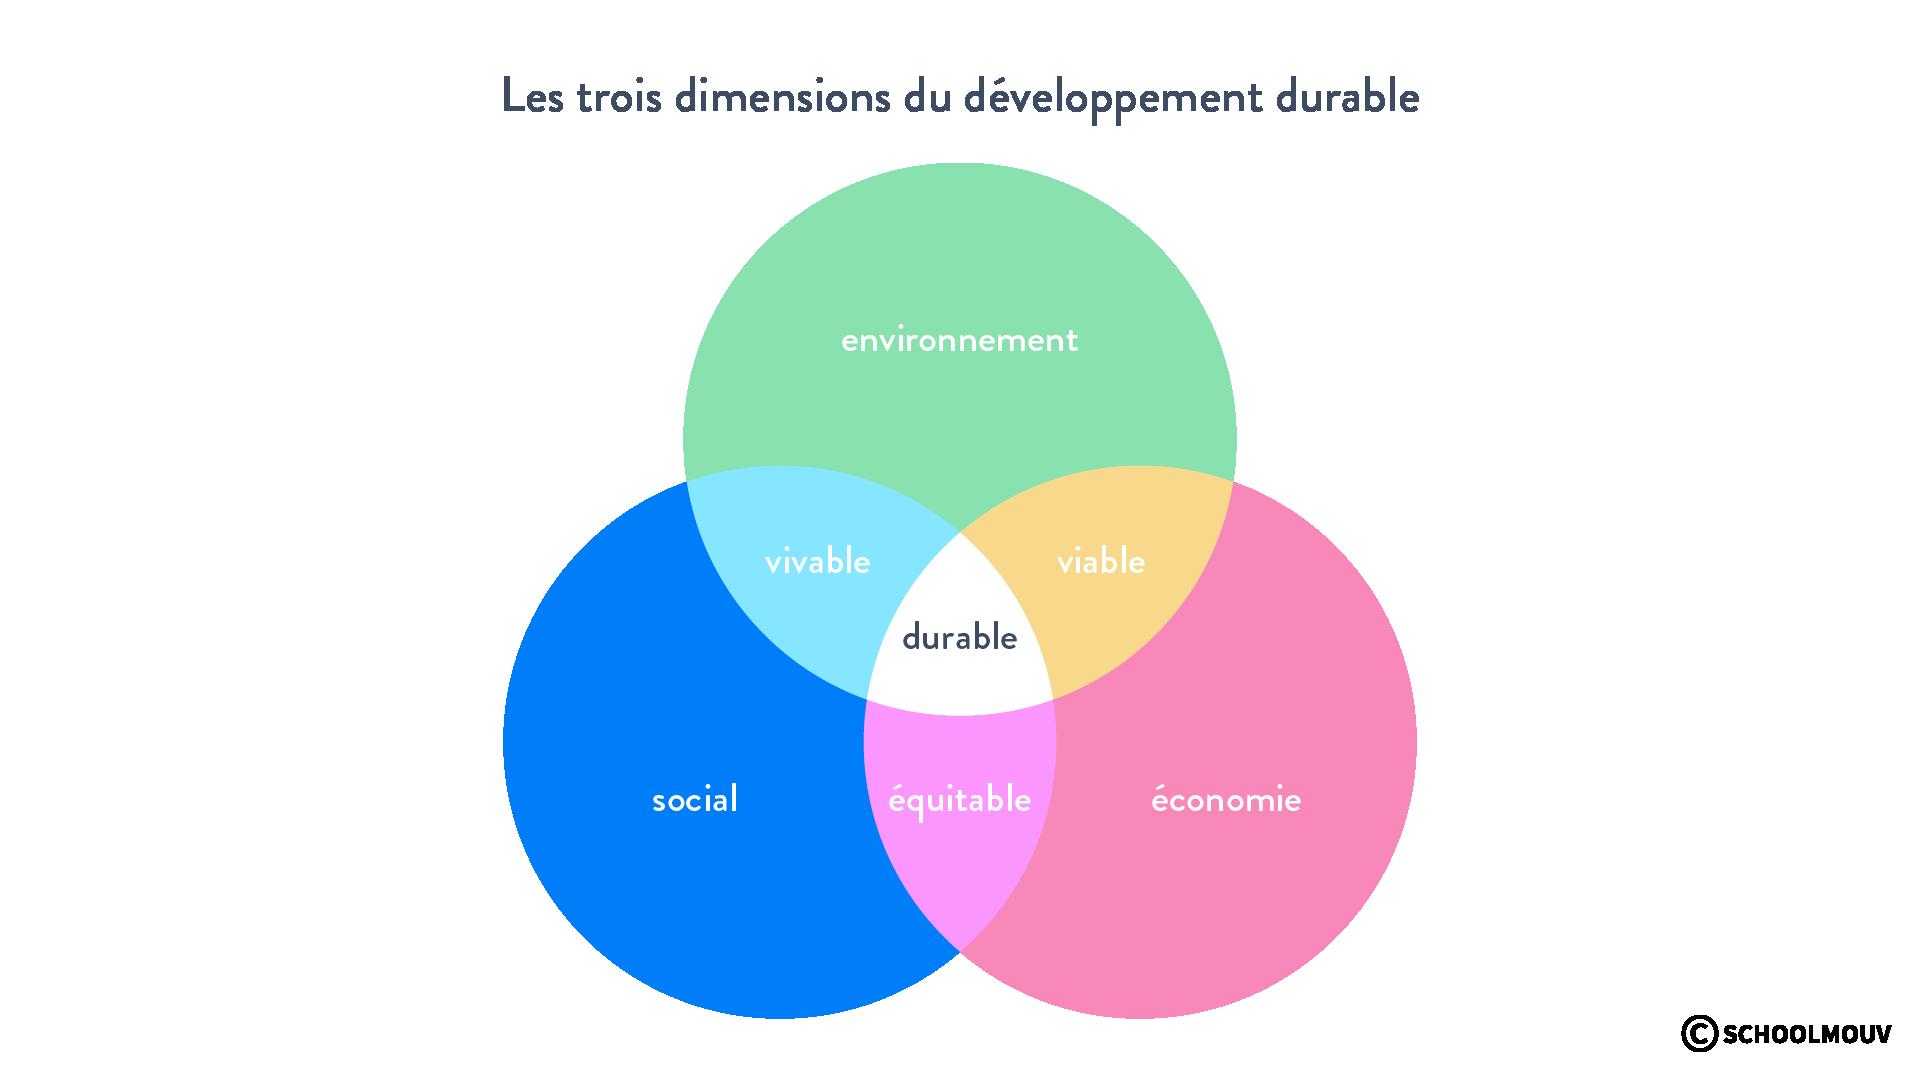 dimensions du développement durable